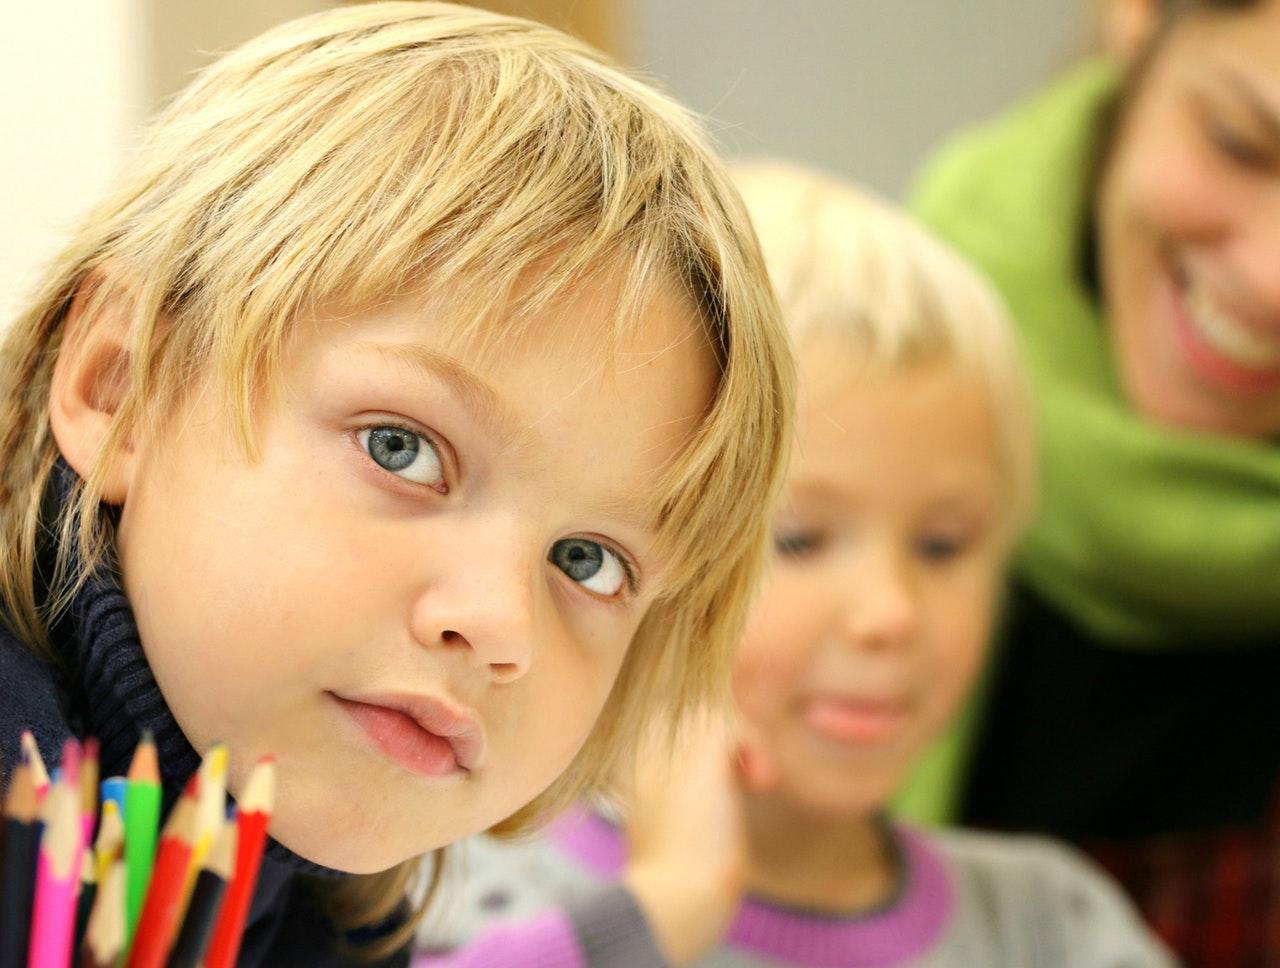 Educação Infantil E As Responsabilidades